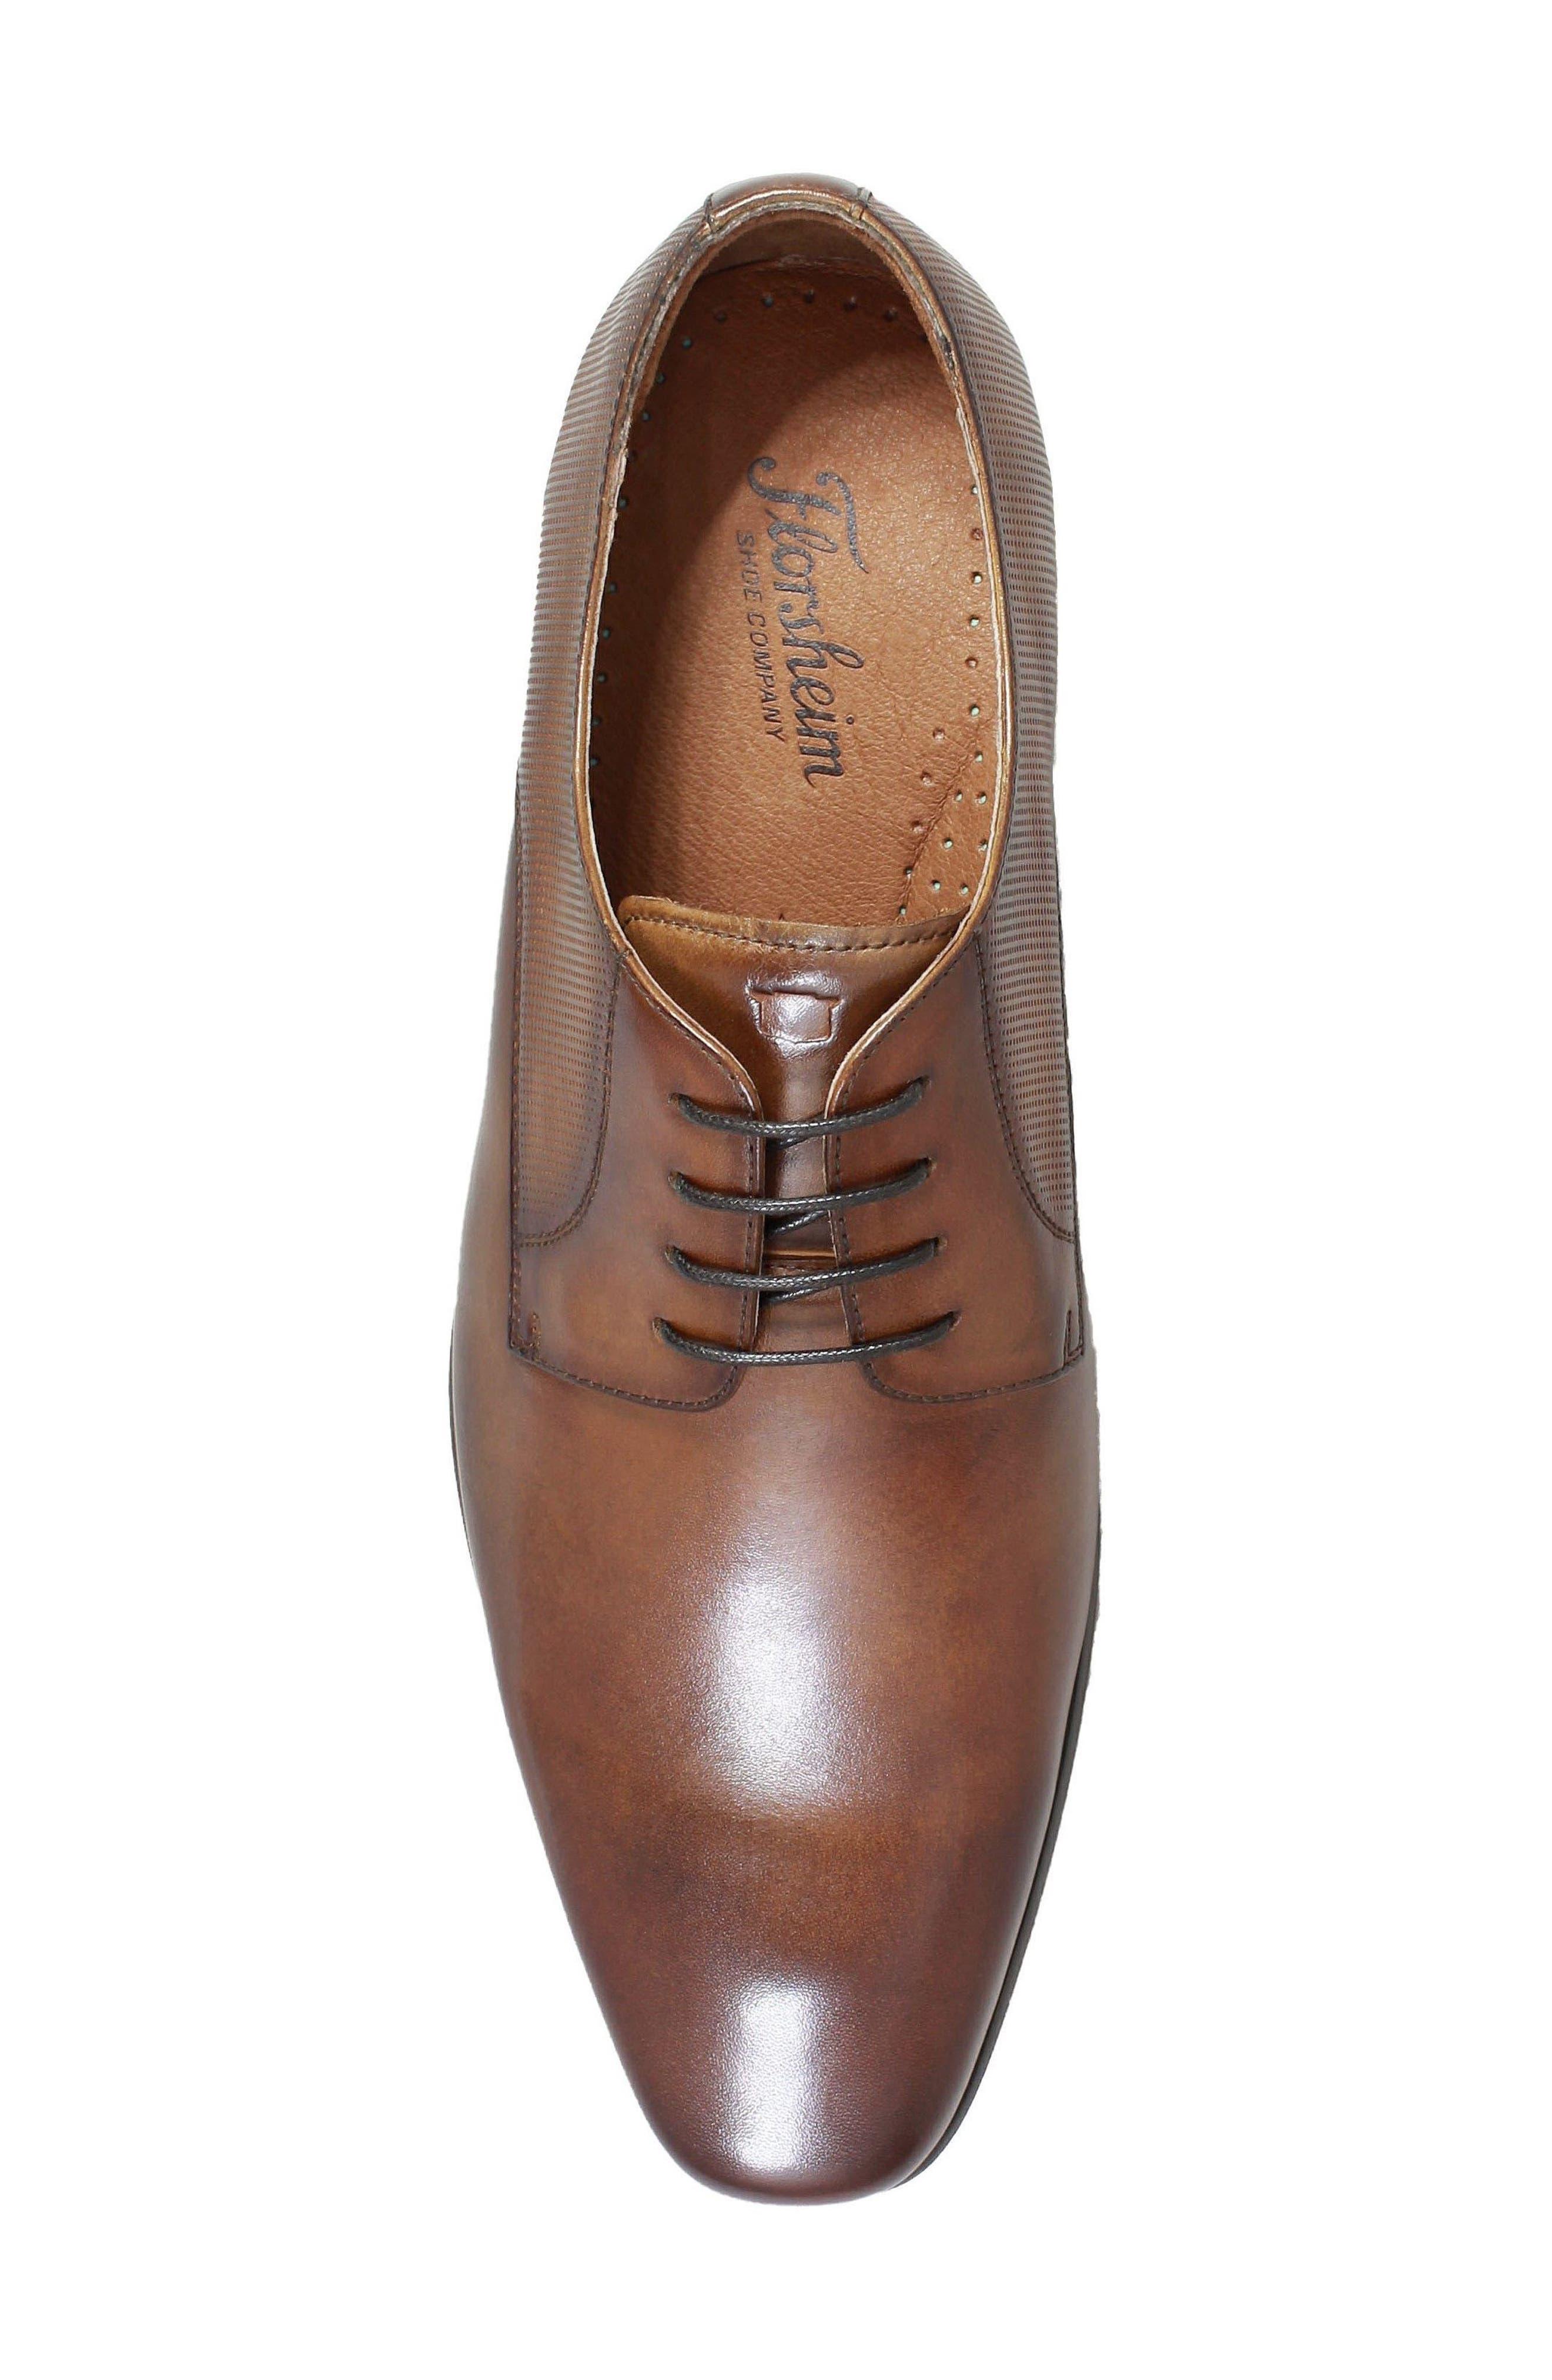 FLORSHEIM,                             Postino Textured Plain Toe Derby,                             Alternate thumbnail 5, color,                             COGNAC LEATHER